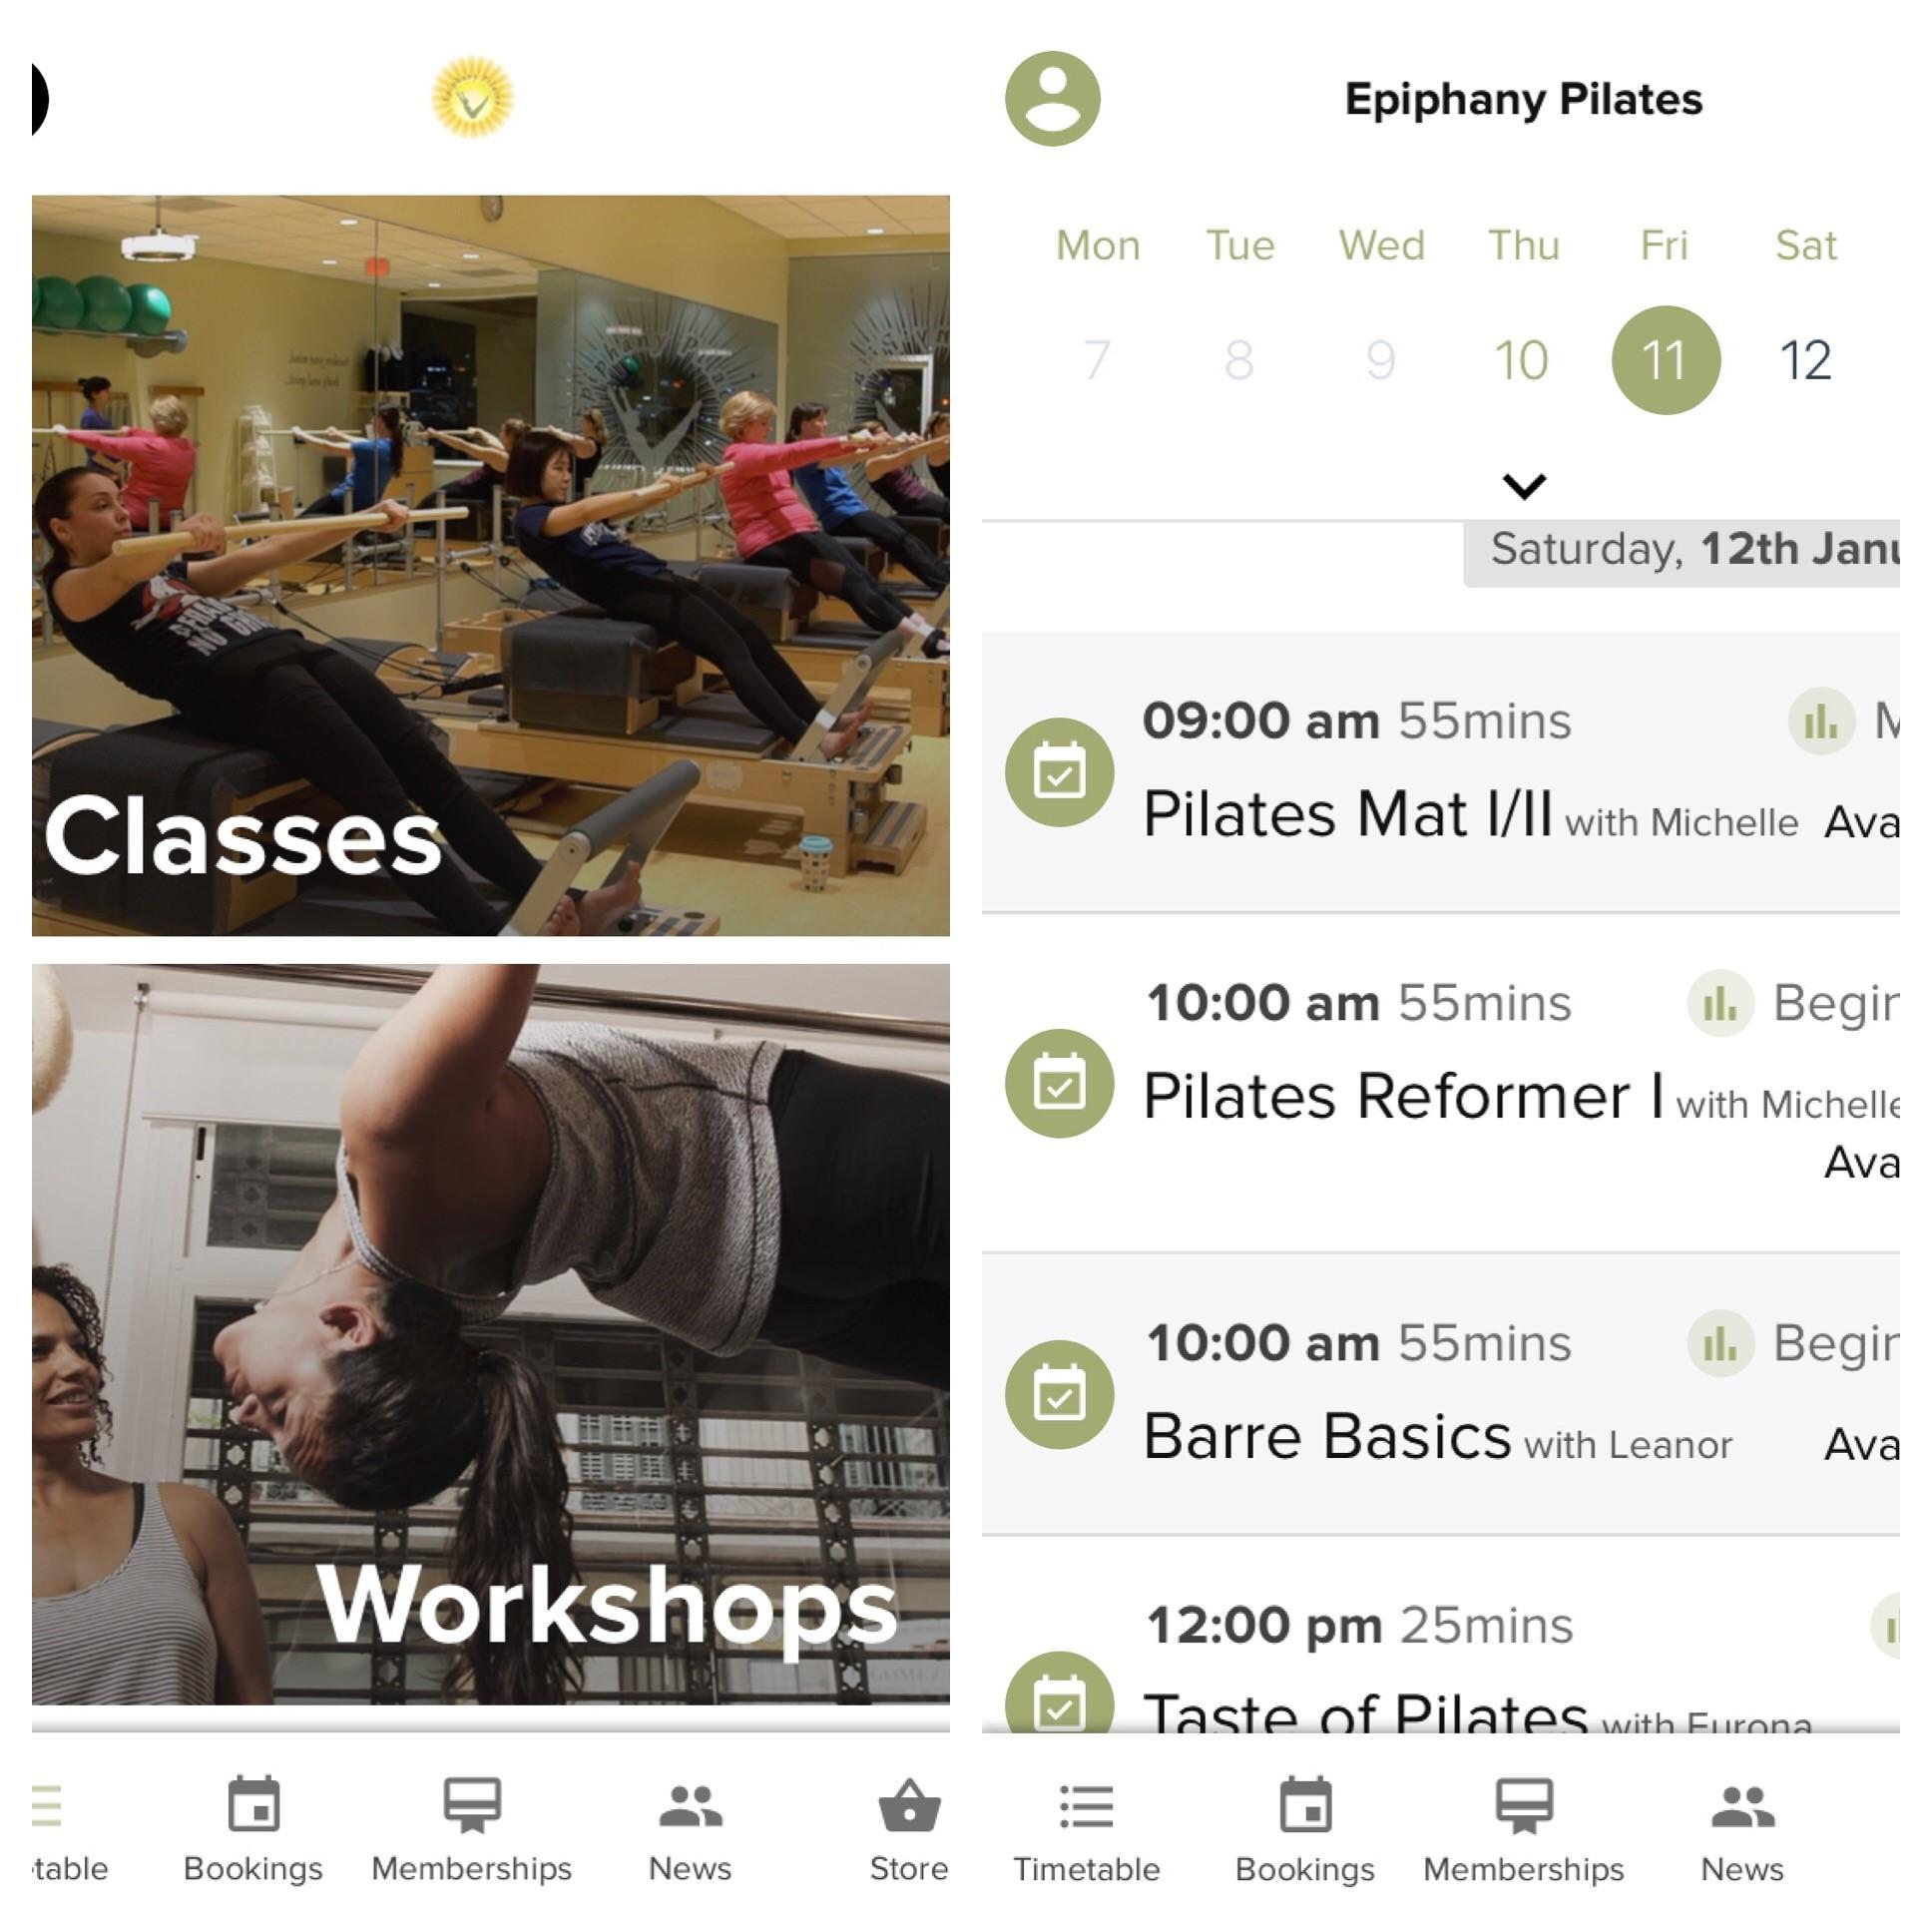 New Epiphany Pilates Mobile App.jpg